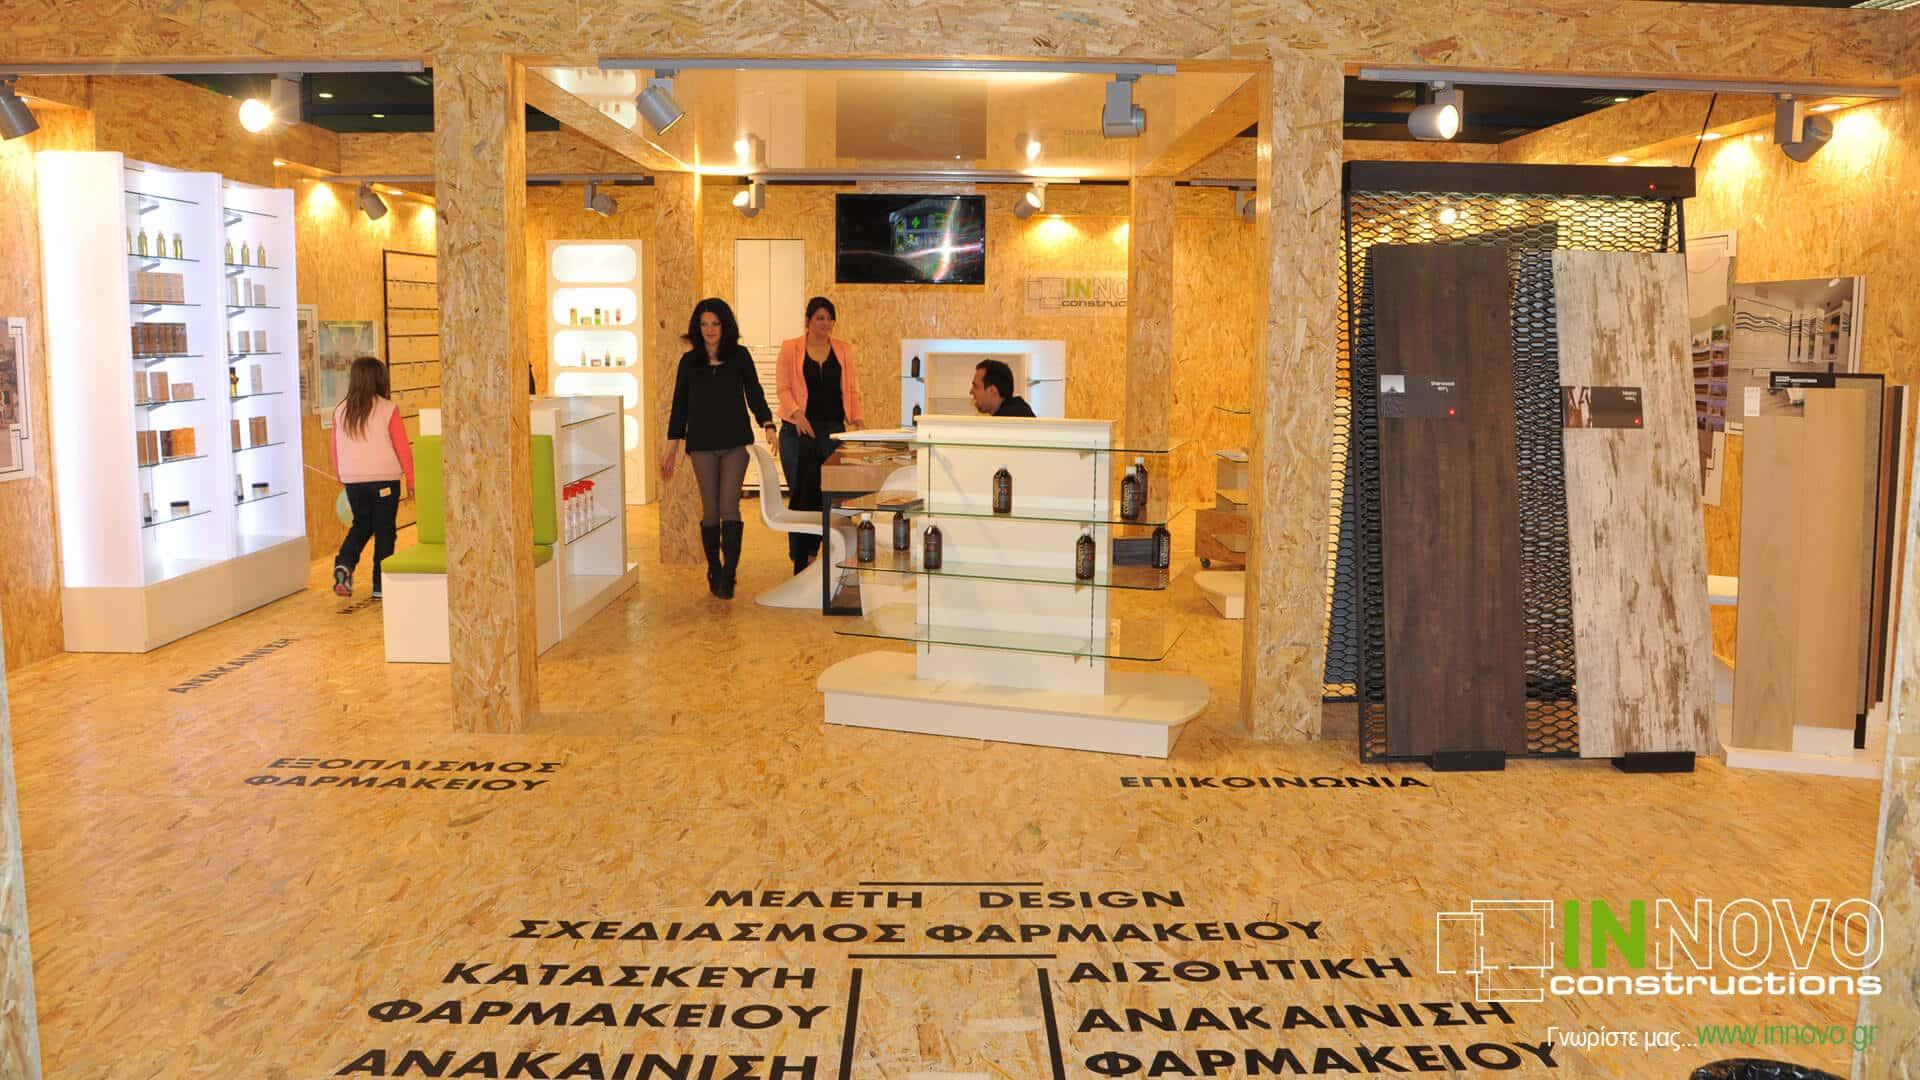 kataskevi-peripterou-exhibition-stand-construction-periptero-mas-hellaspharm2014